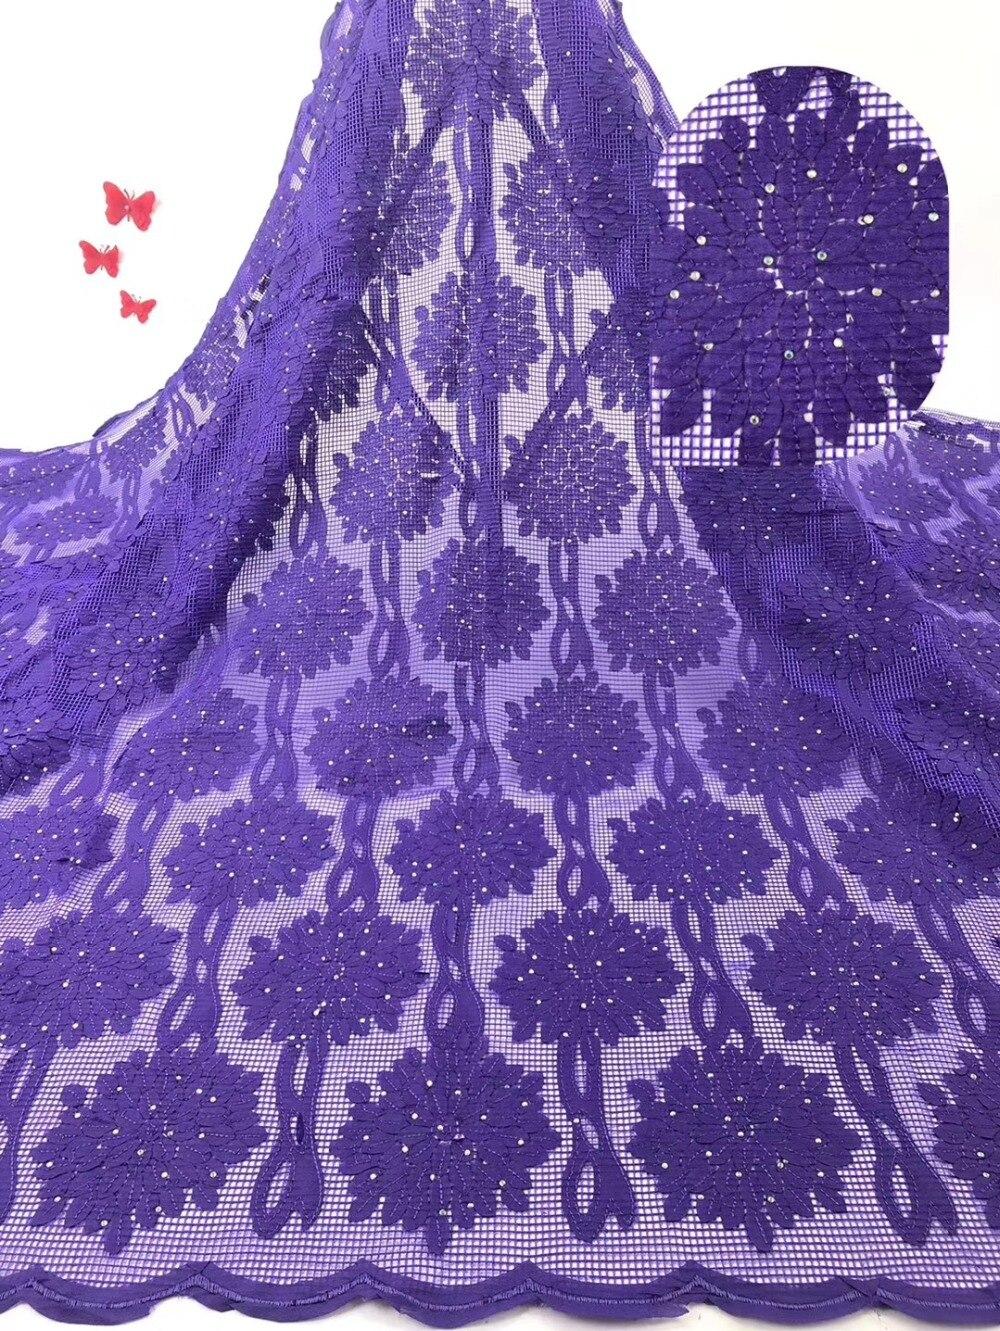 Rosa del ricamo tessuto Africano del merletto di alta qualità 2019 beautifule francese di tulle del merletto con i sequins per nigeriano del vestito delle donne-in Pizzo da Casa e giardino su  Gruppo 2